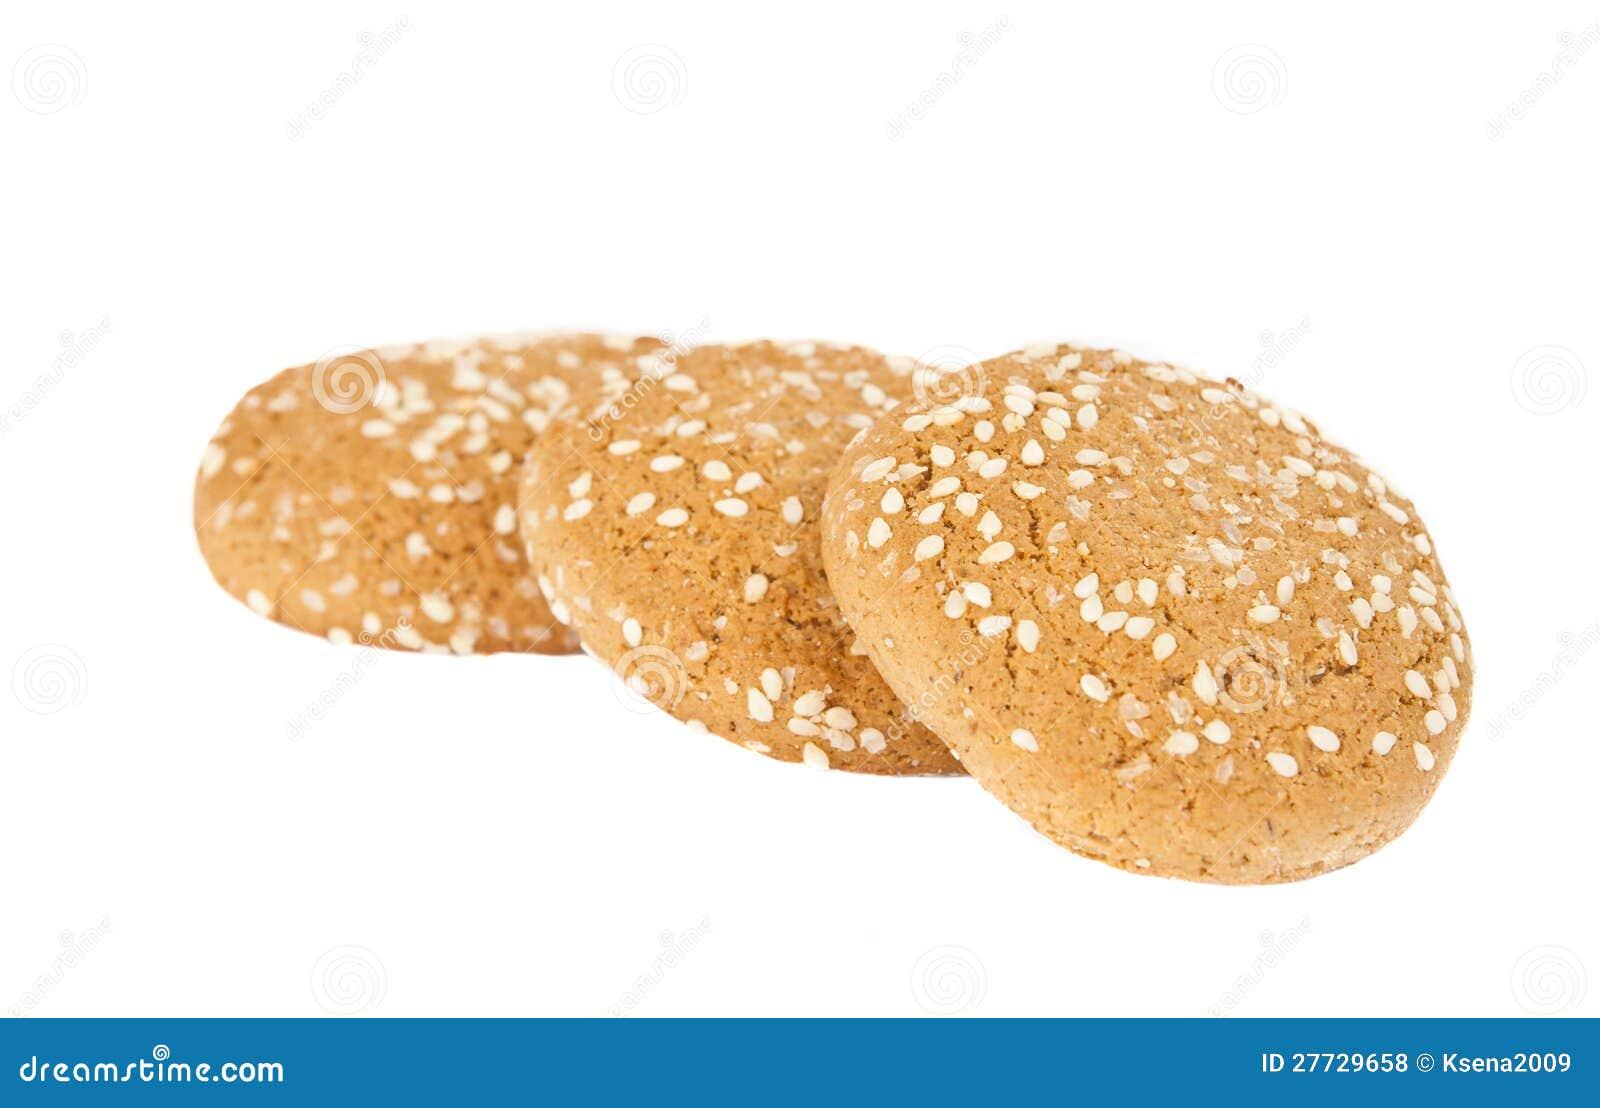 Hafermehlplätzchen mit Sesamstartwerten für zufallsgenerator